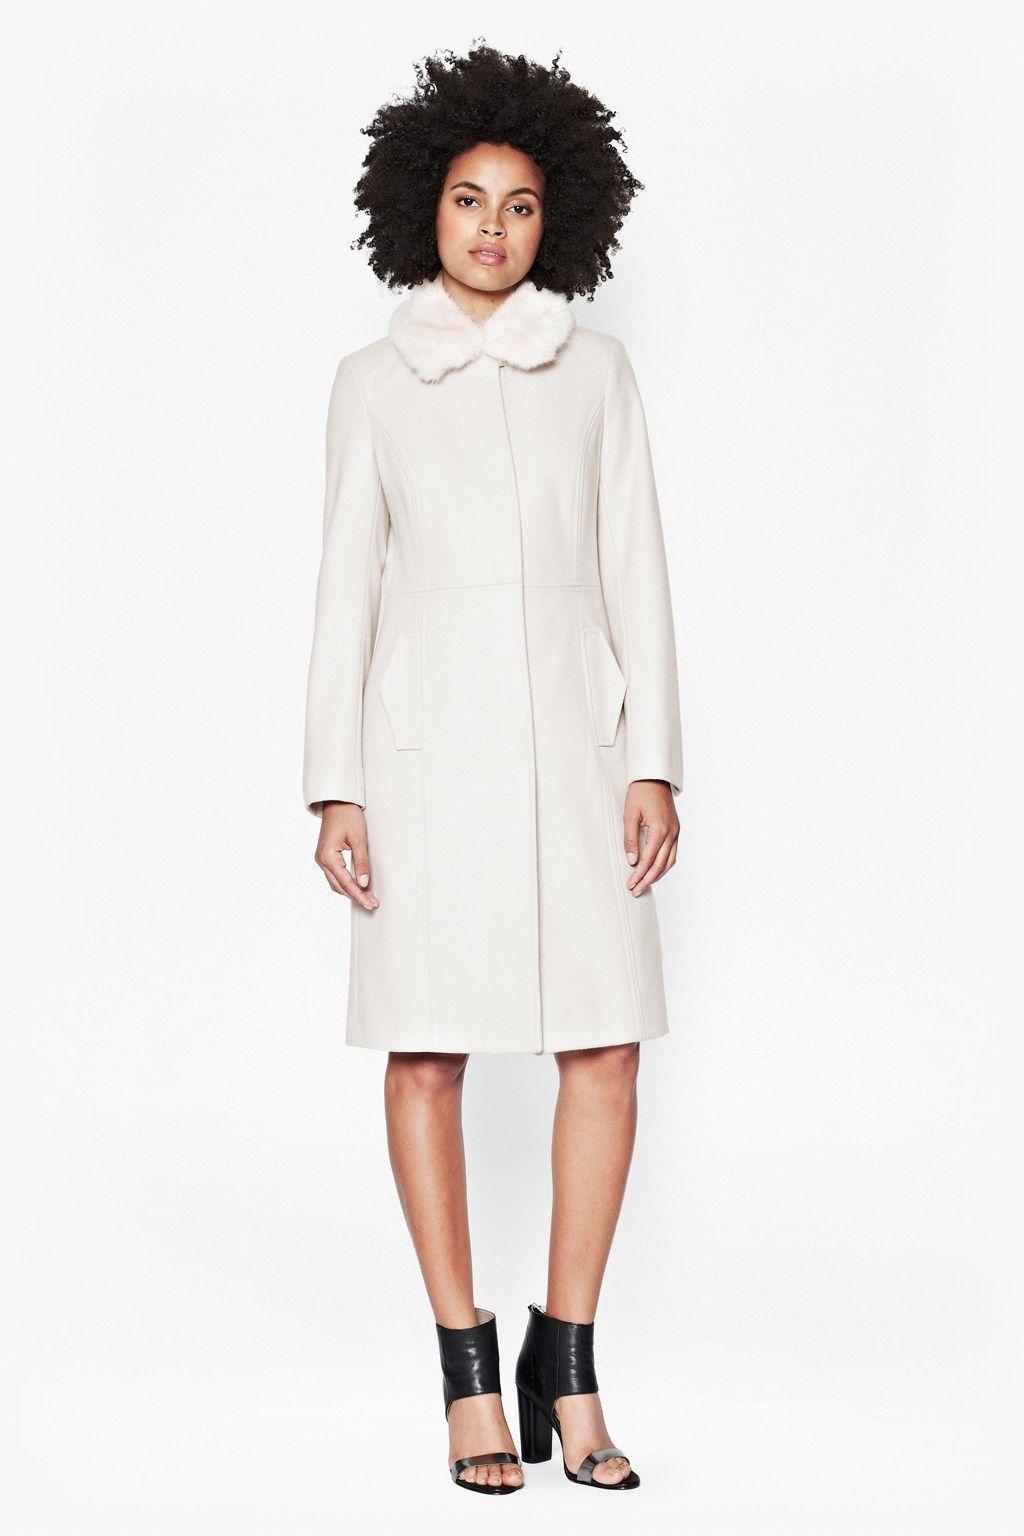 Platform Felt Faux Fur Collar Coat - Coats & Jackets - French ...